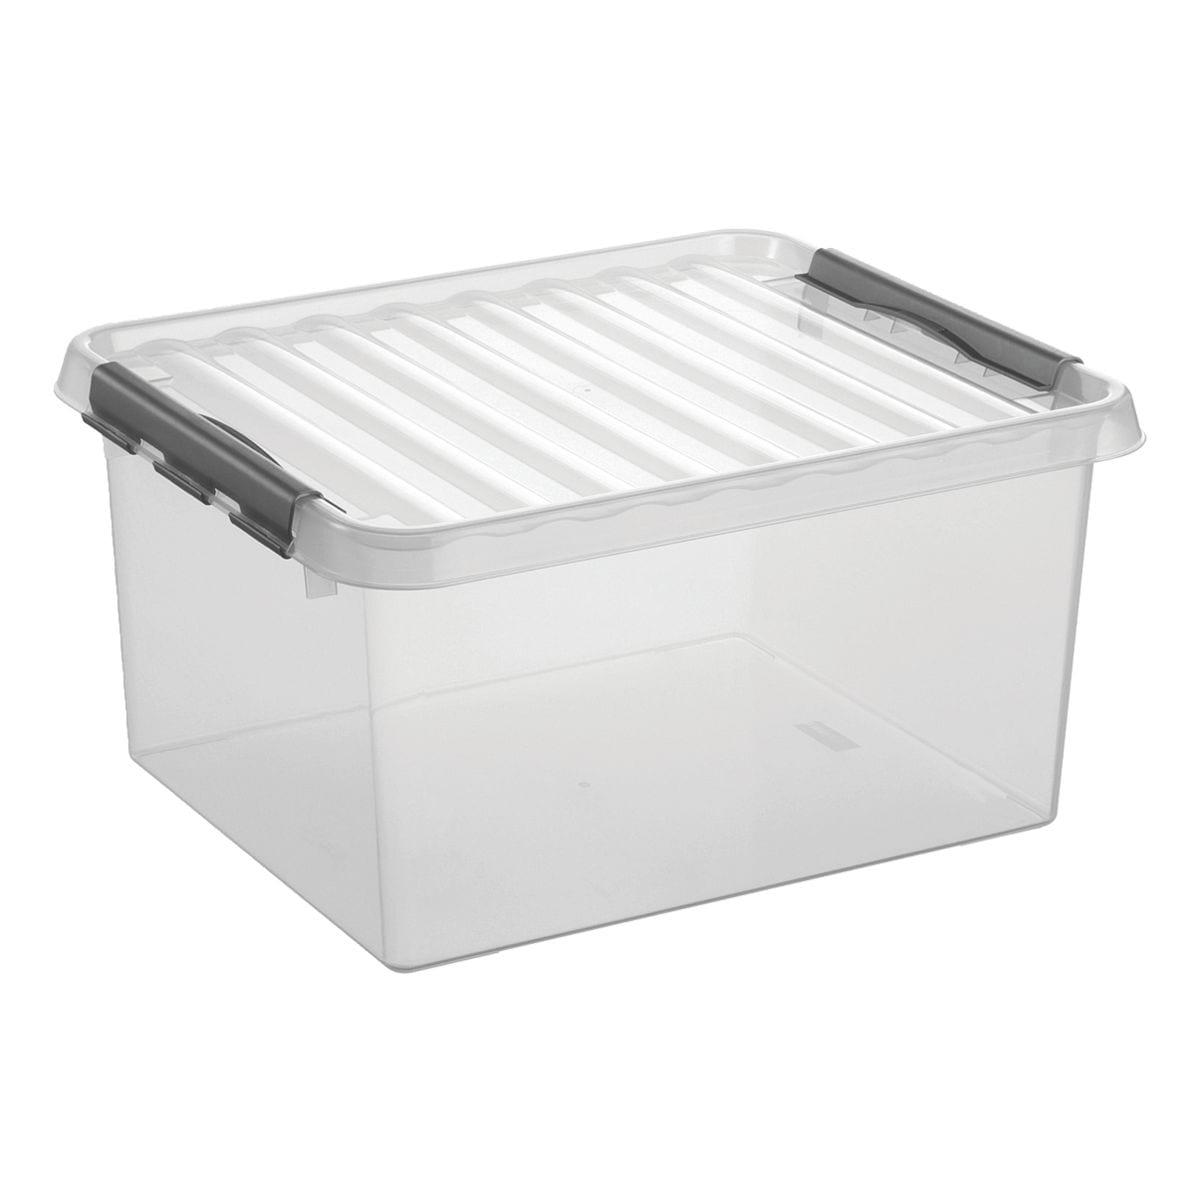 sunware Ablagebox »the q-line« 36 Liter H6160502